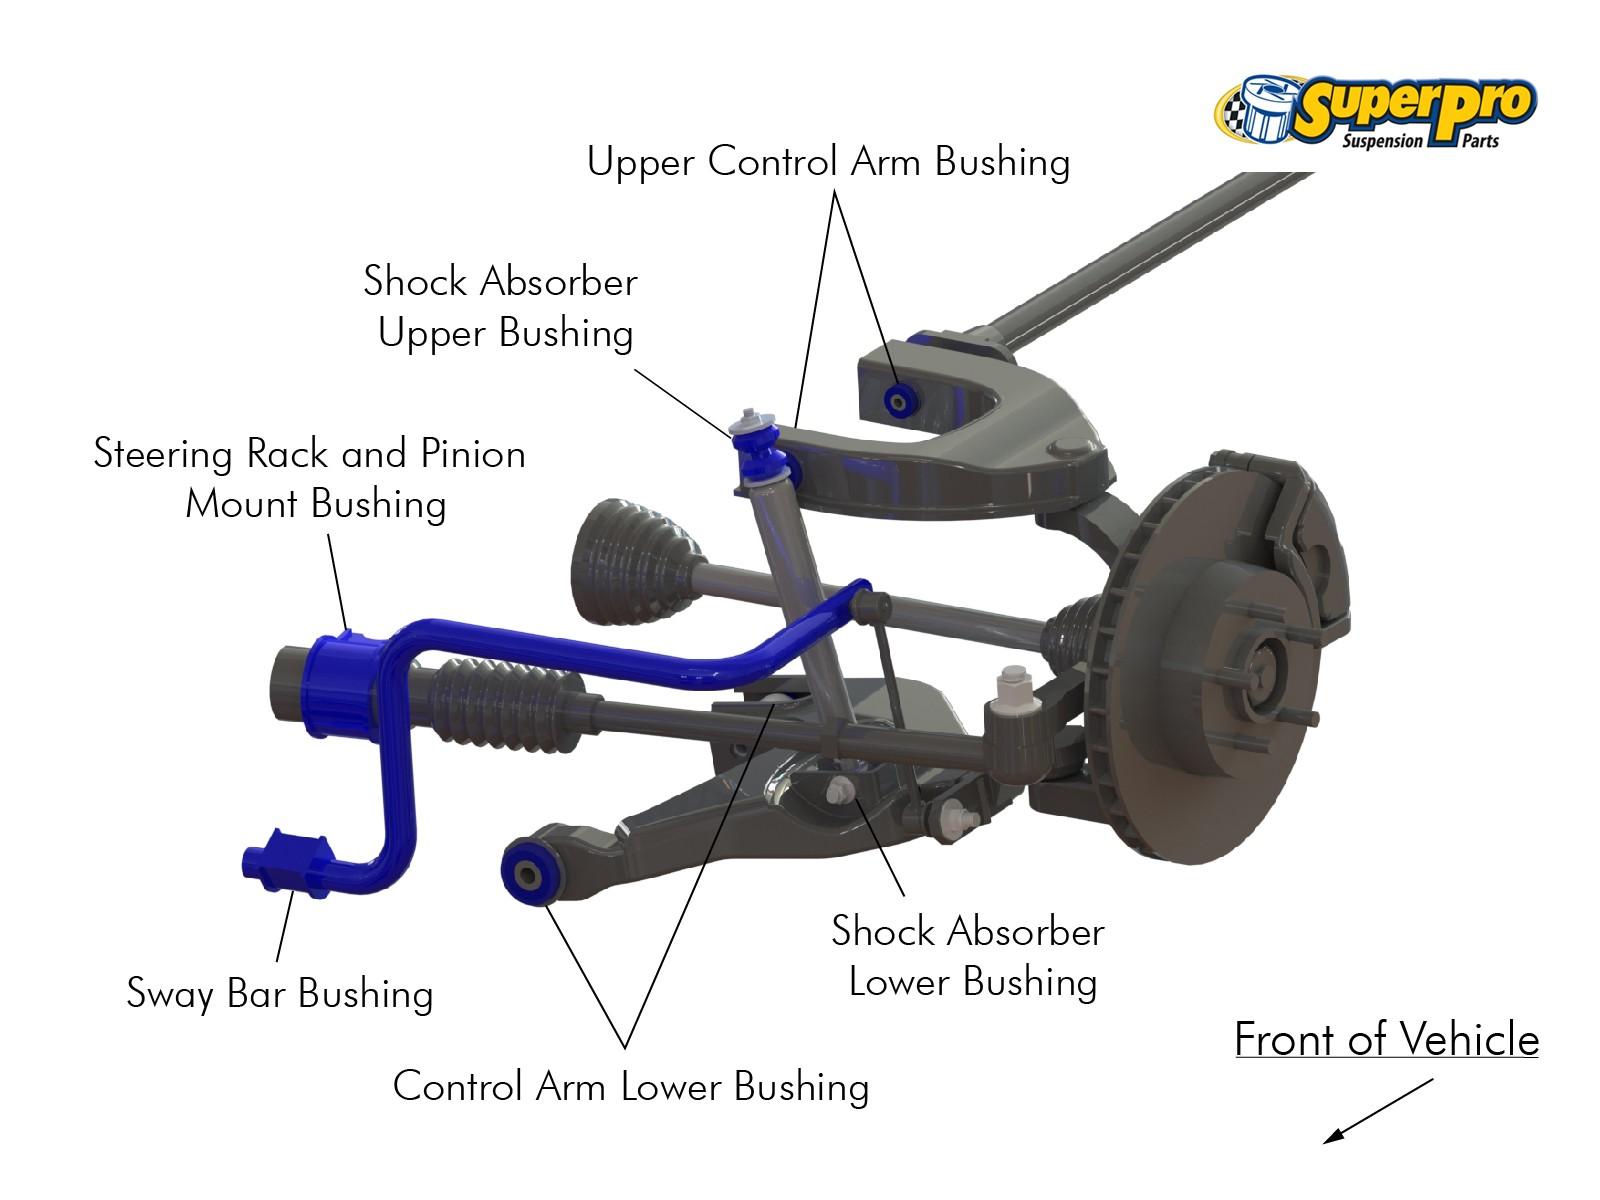 Rear Car Suspension Diagram Superpro Tradeview Suspension Part Search Of Rear Car Suspension Diagram